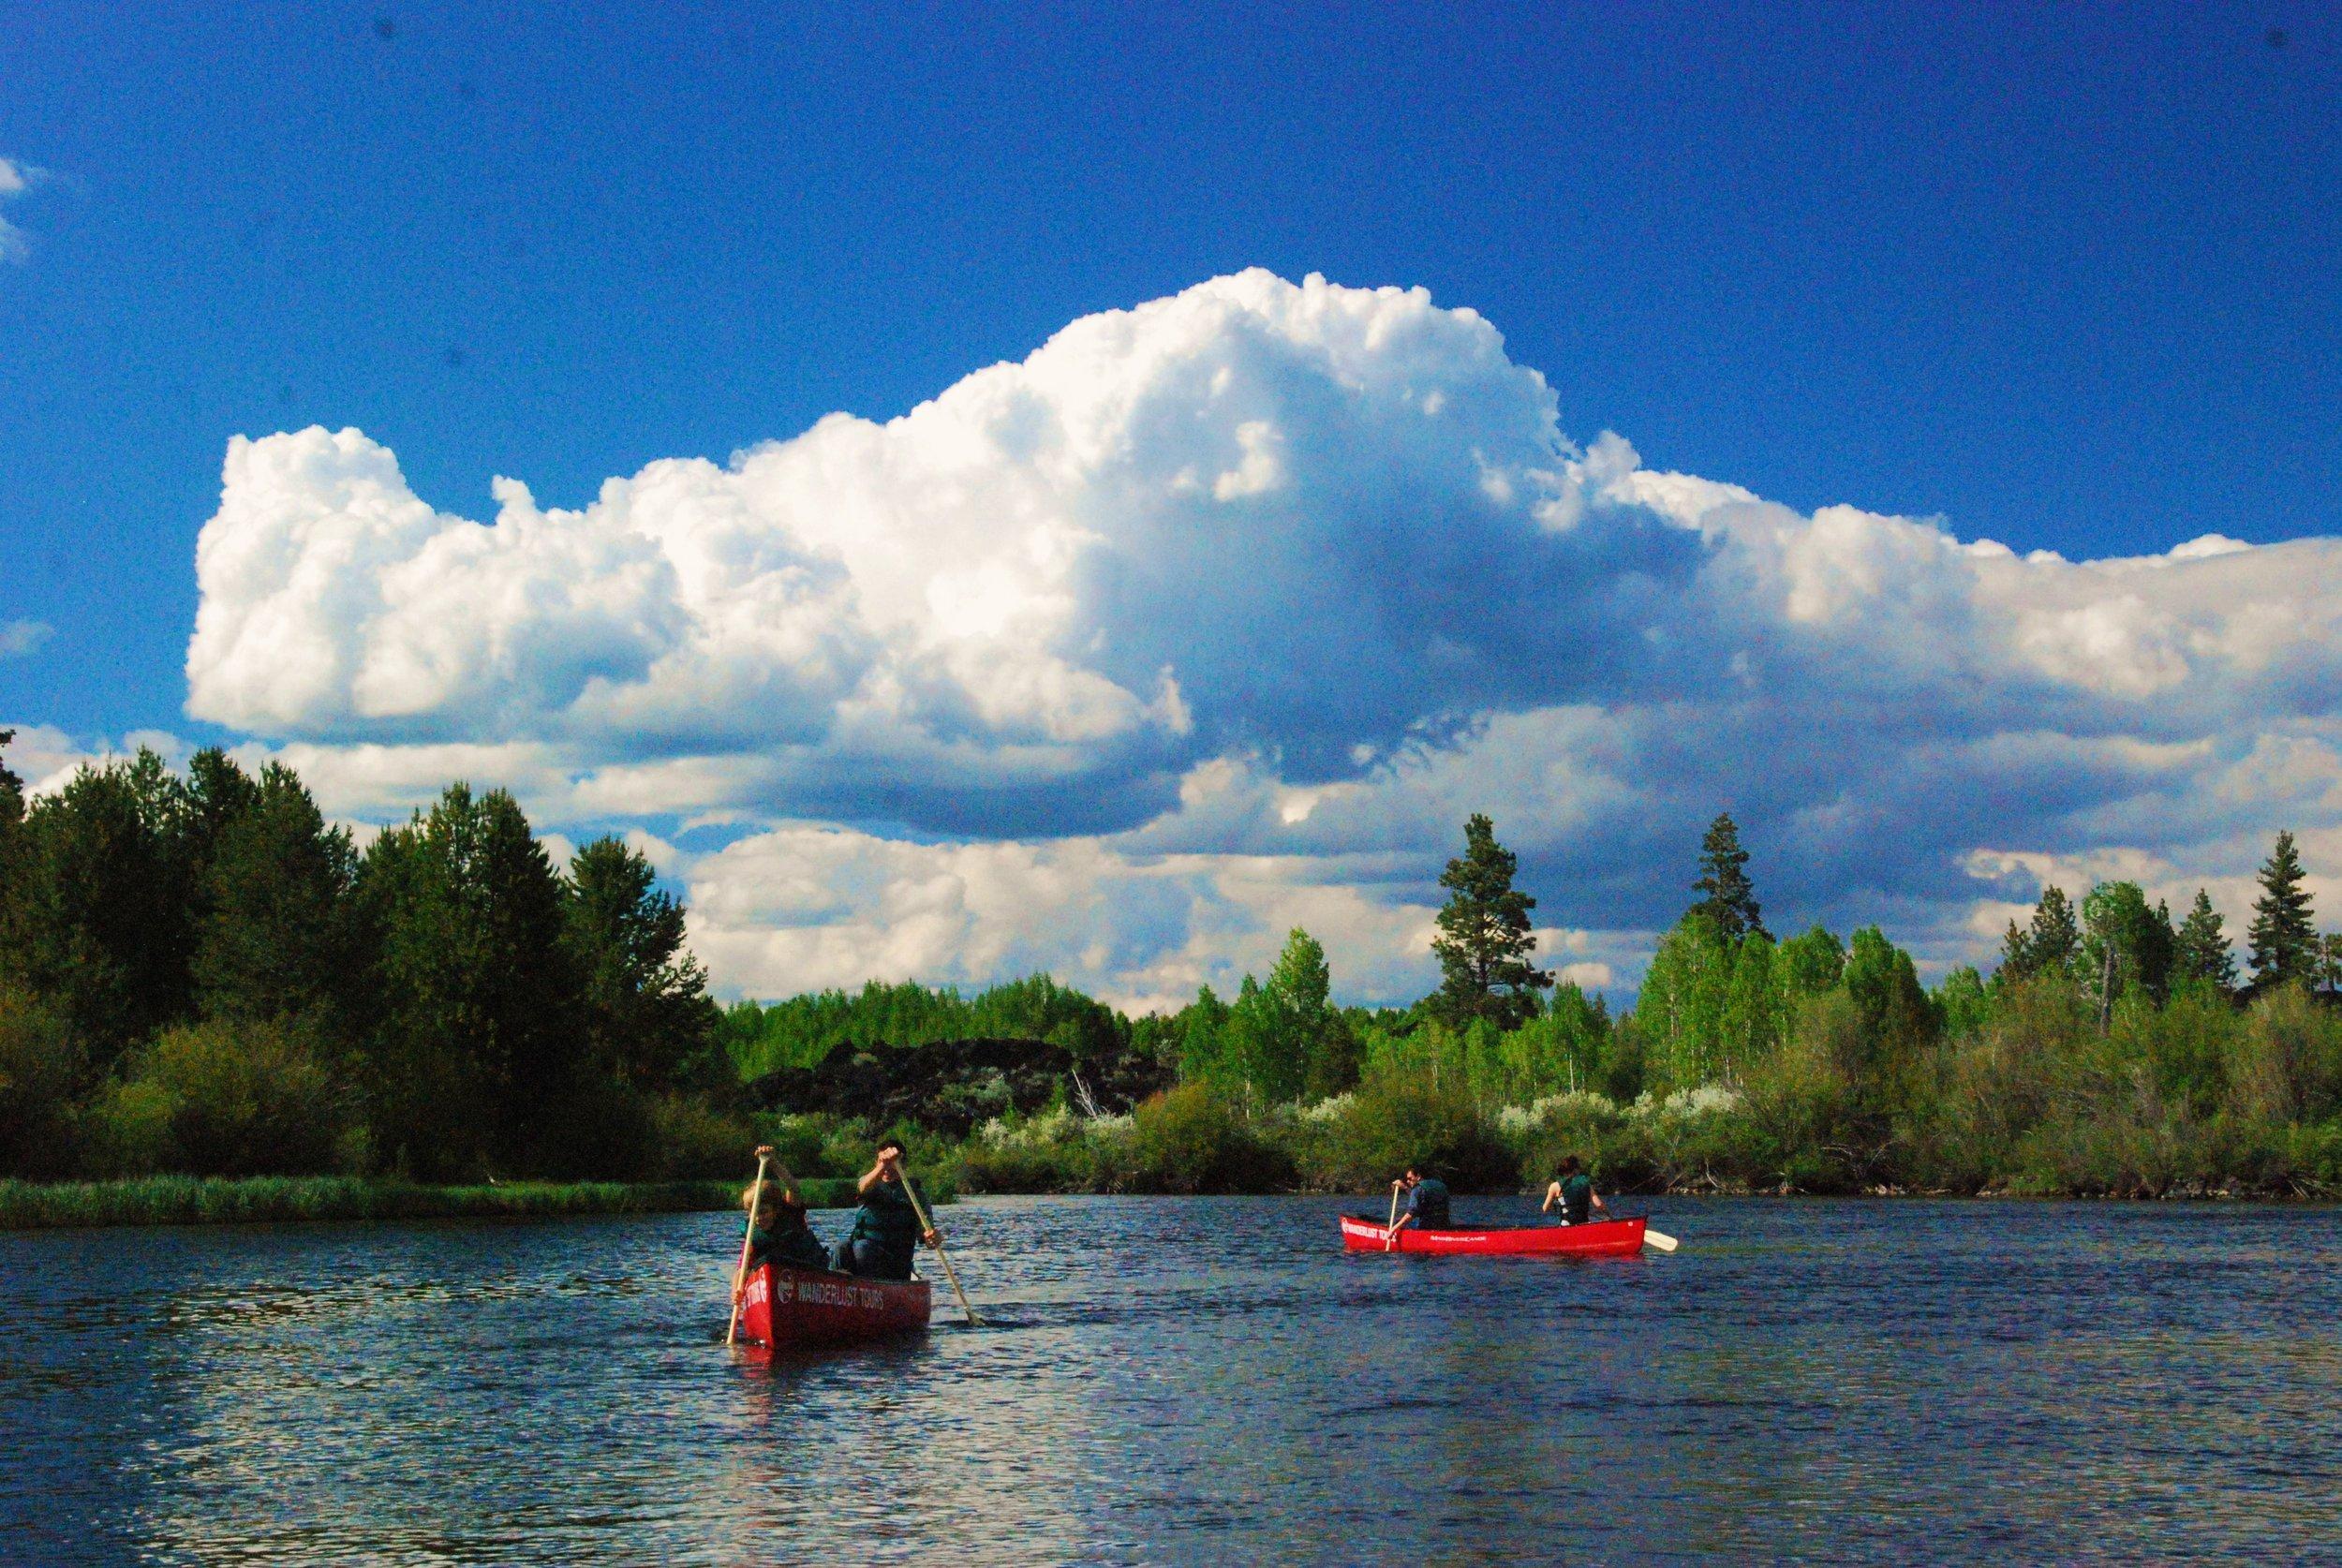 Deschutes-River-Canoe-Tour